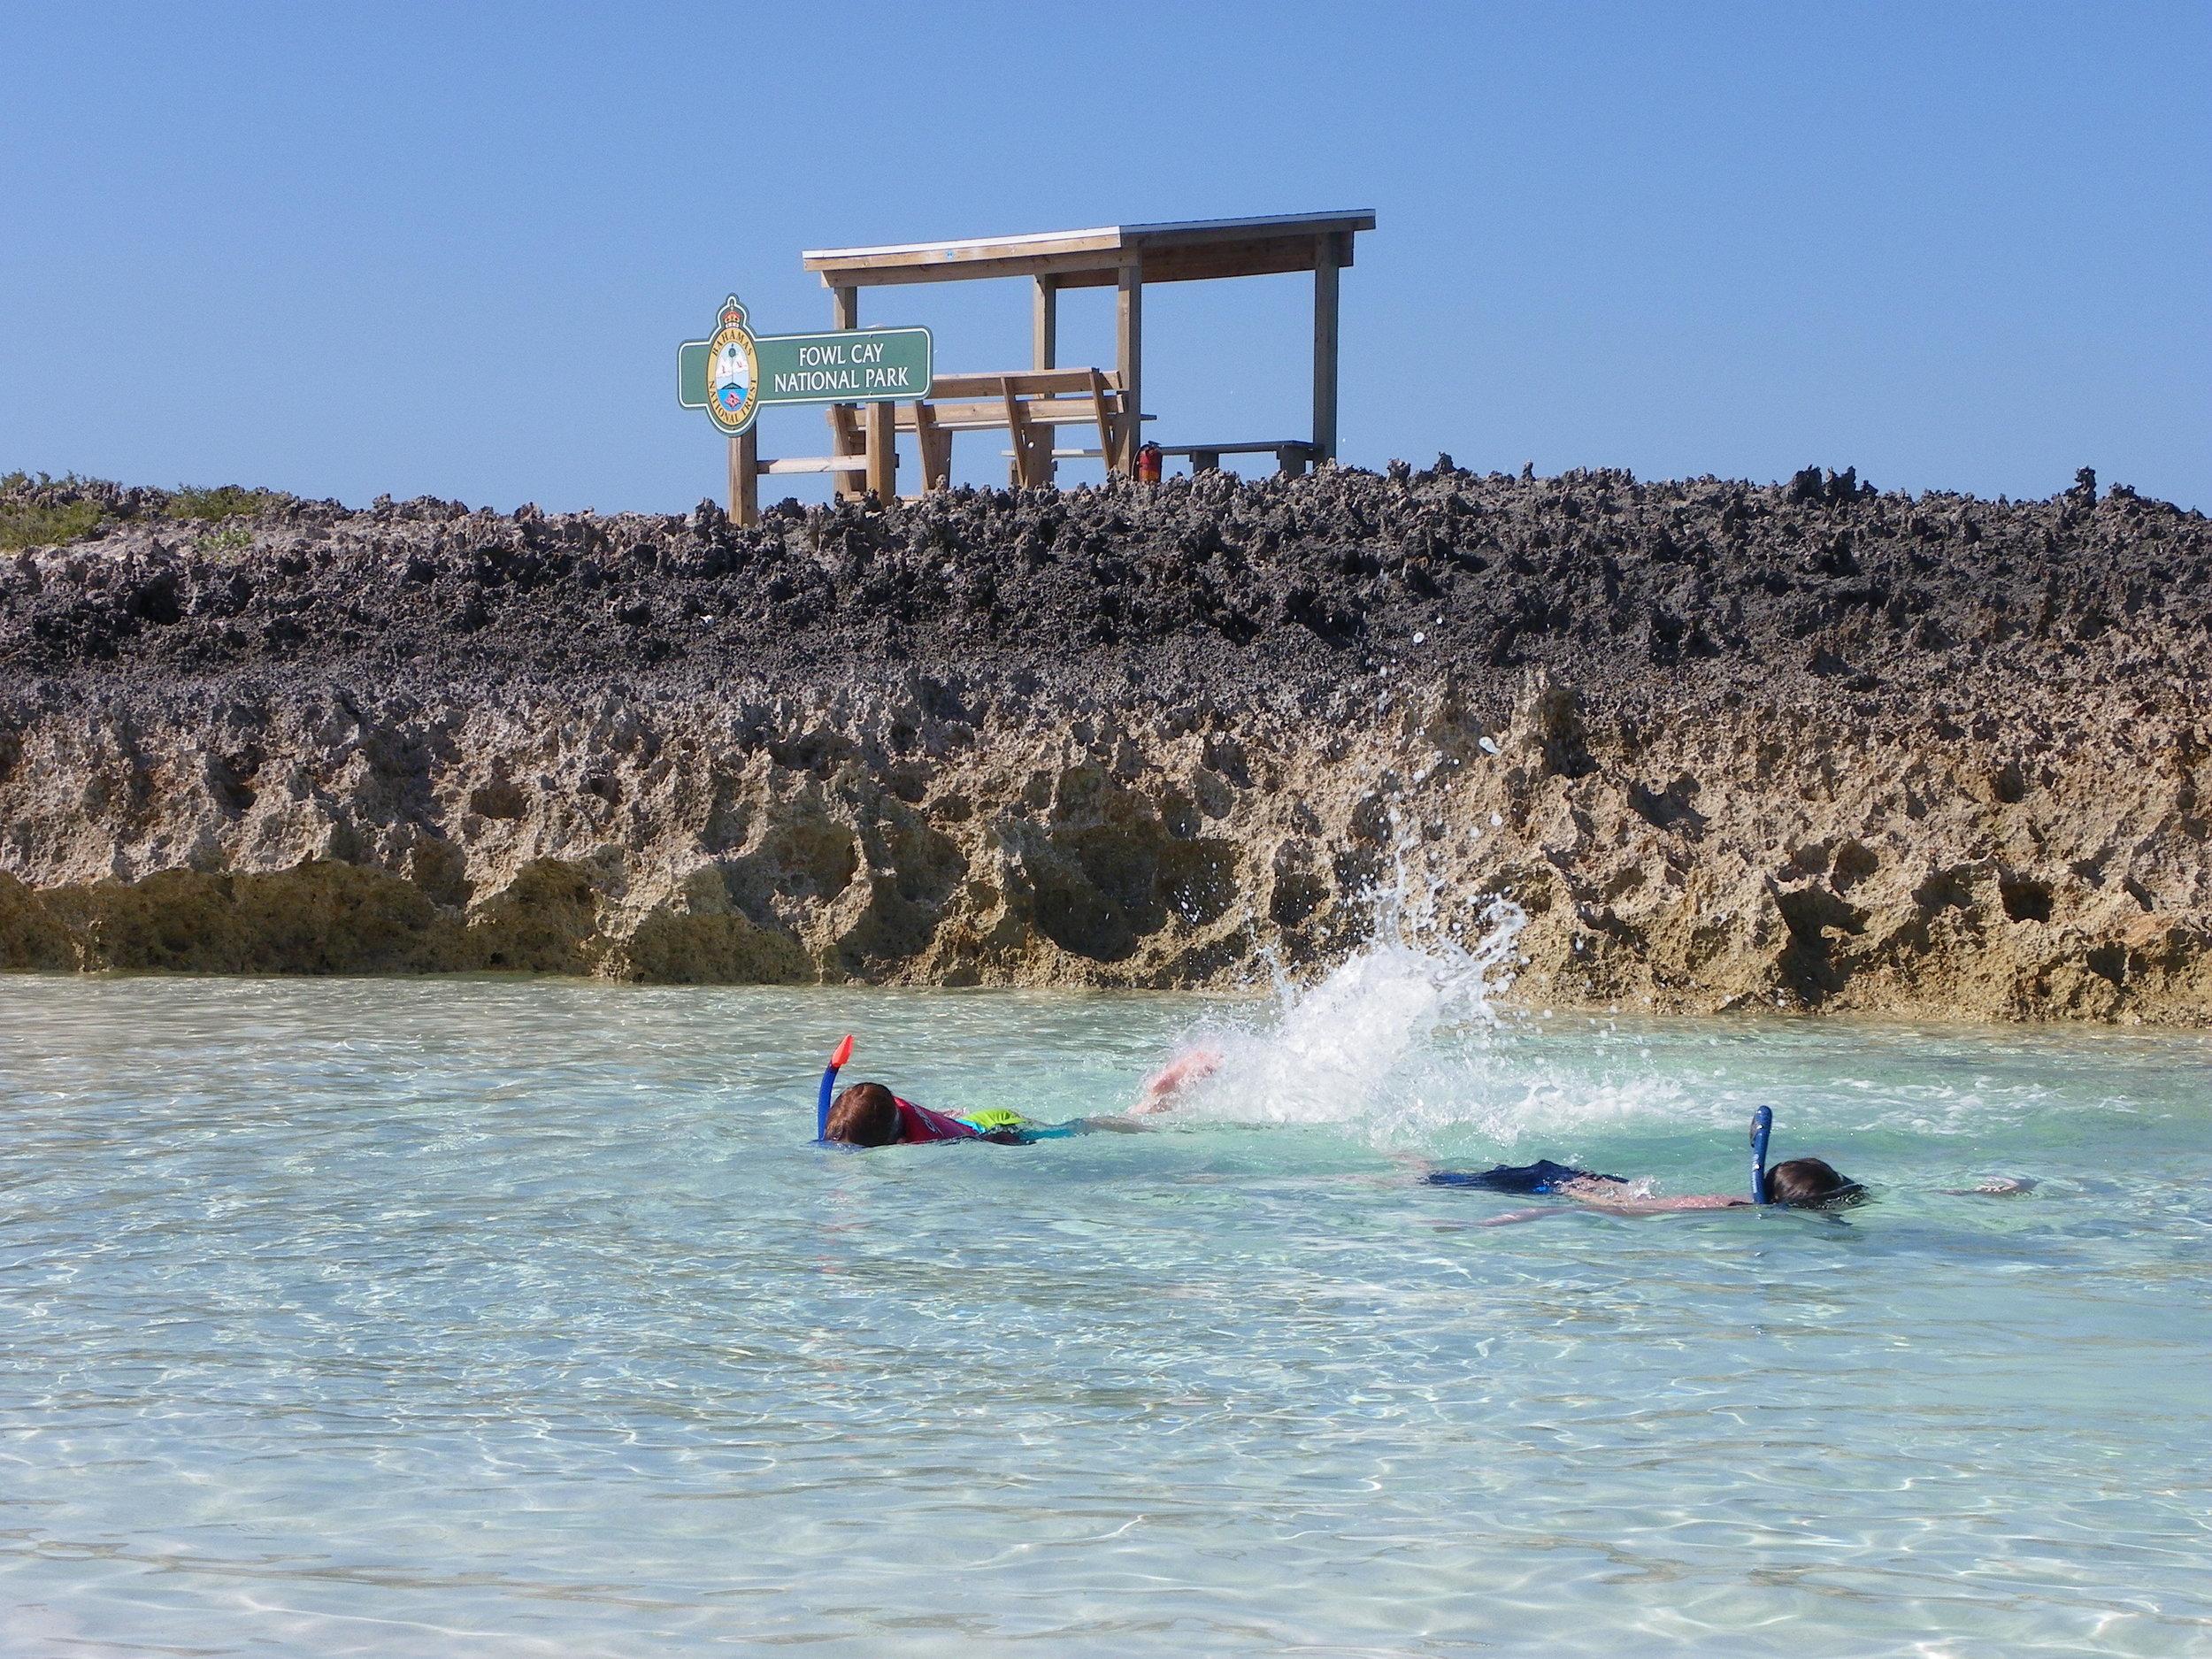 Fowl Cay Bahamas